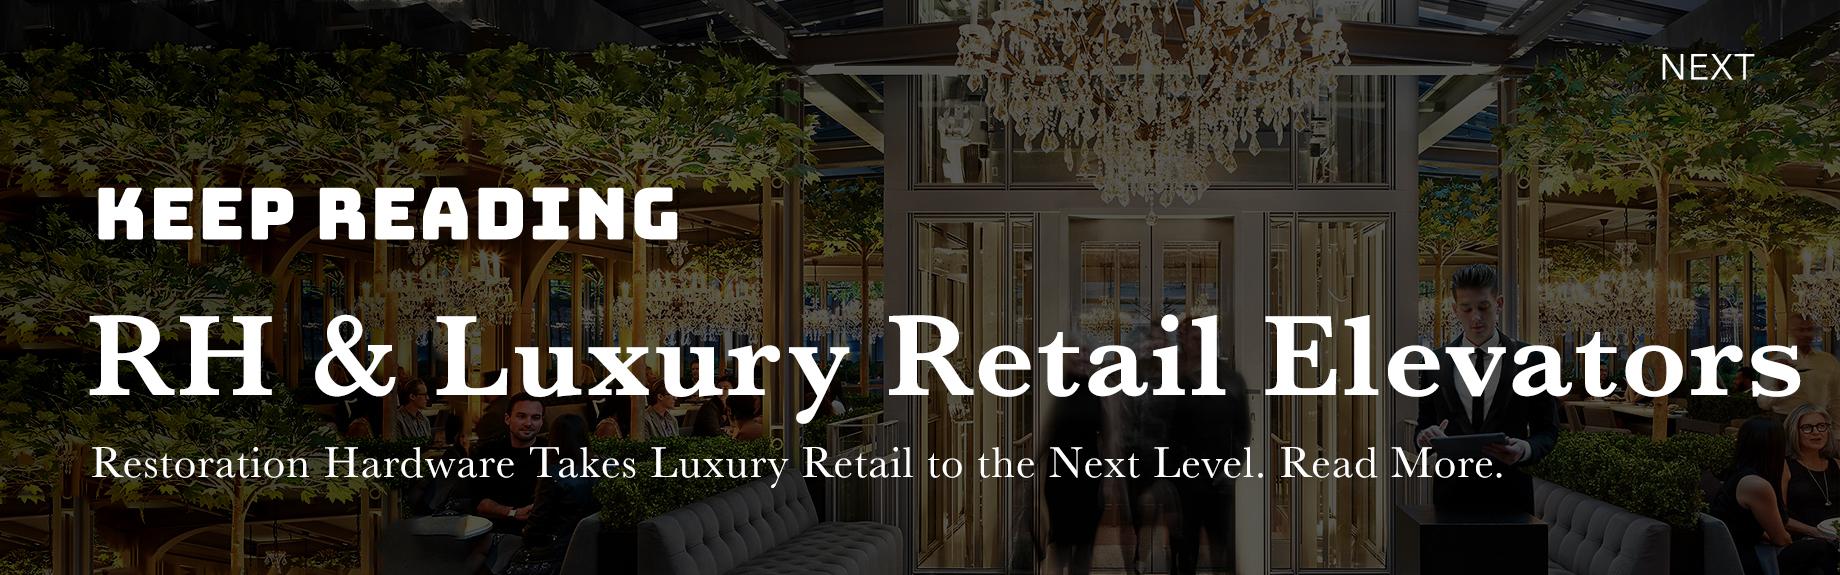 ELEVATOR BLOG - RH Luxury Retail - UP NEXT.jpg